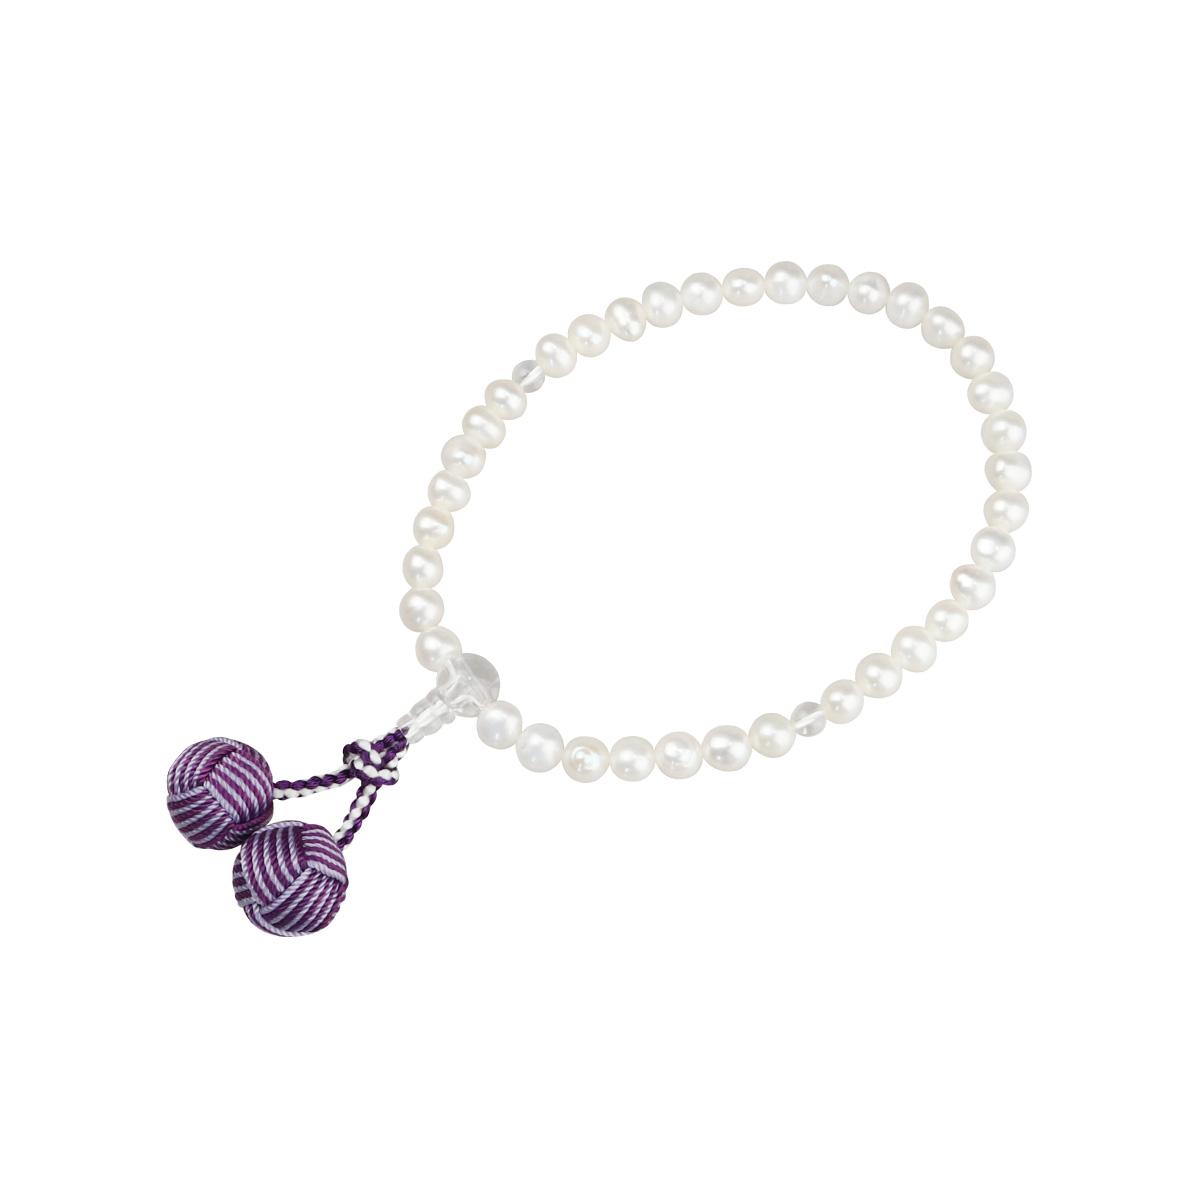 数珠 淡水真珠(白) 7mm (水晶仕立) 利久梵天 二色房/紫紺×藤